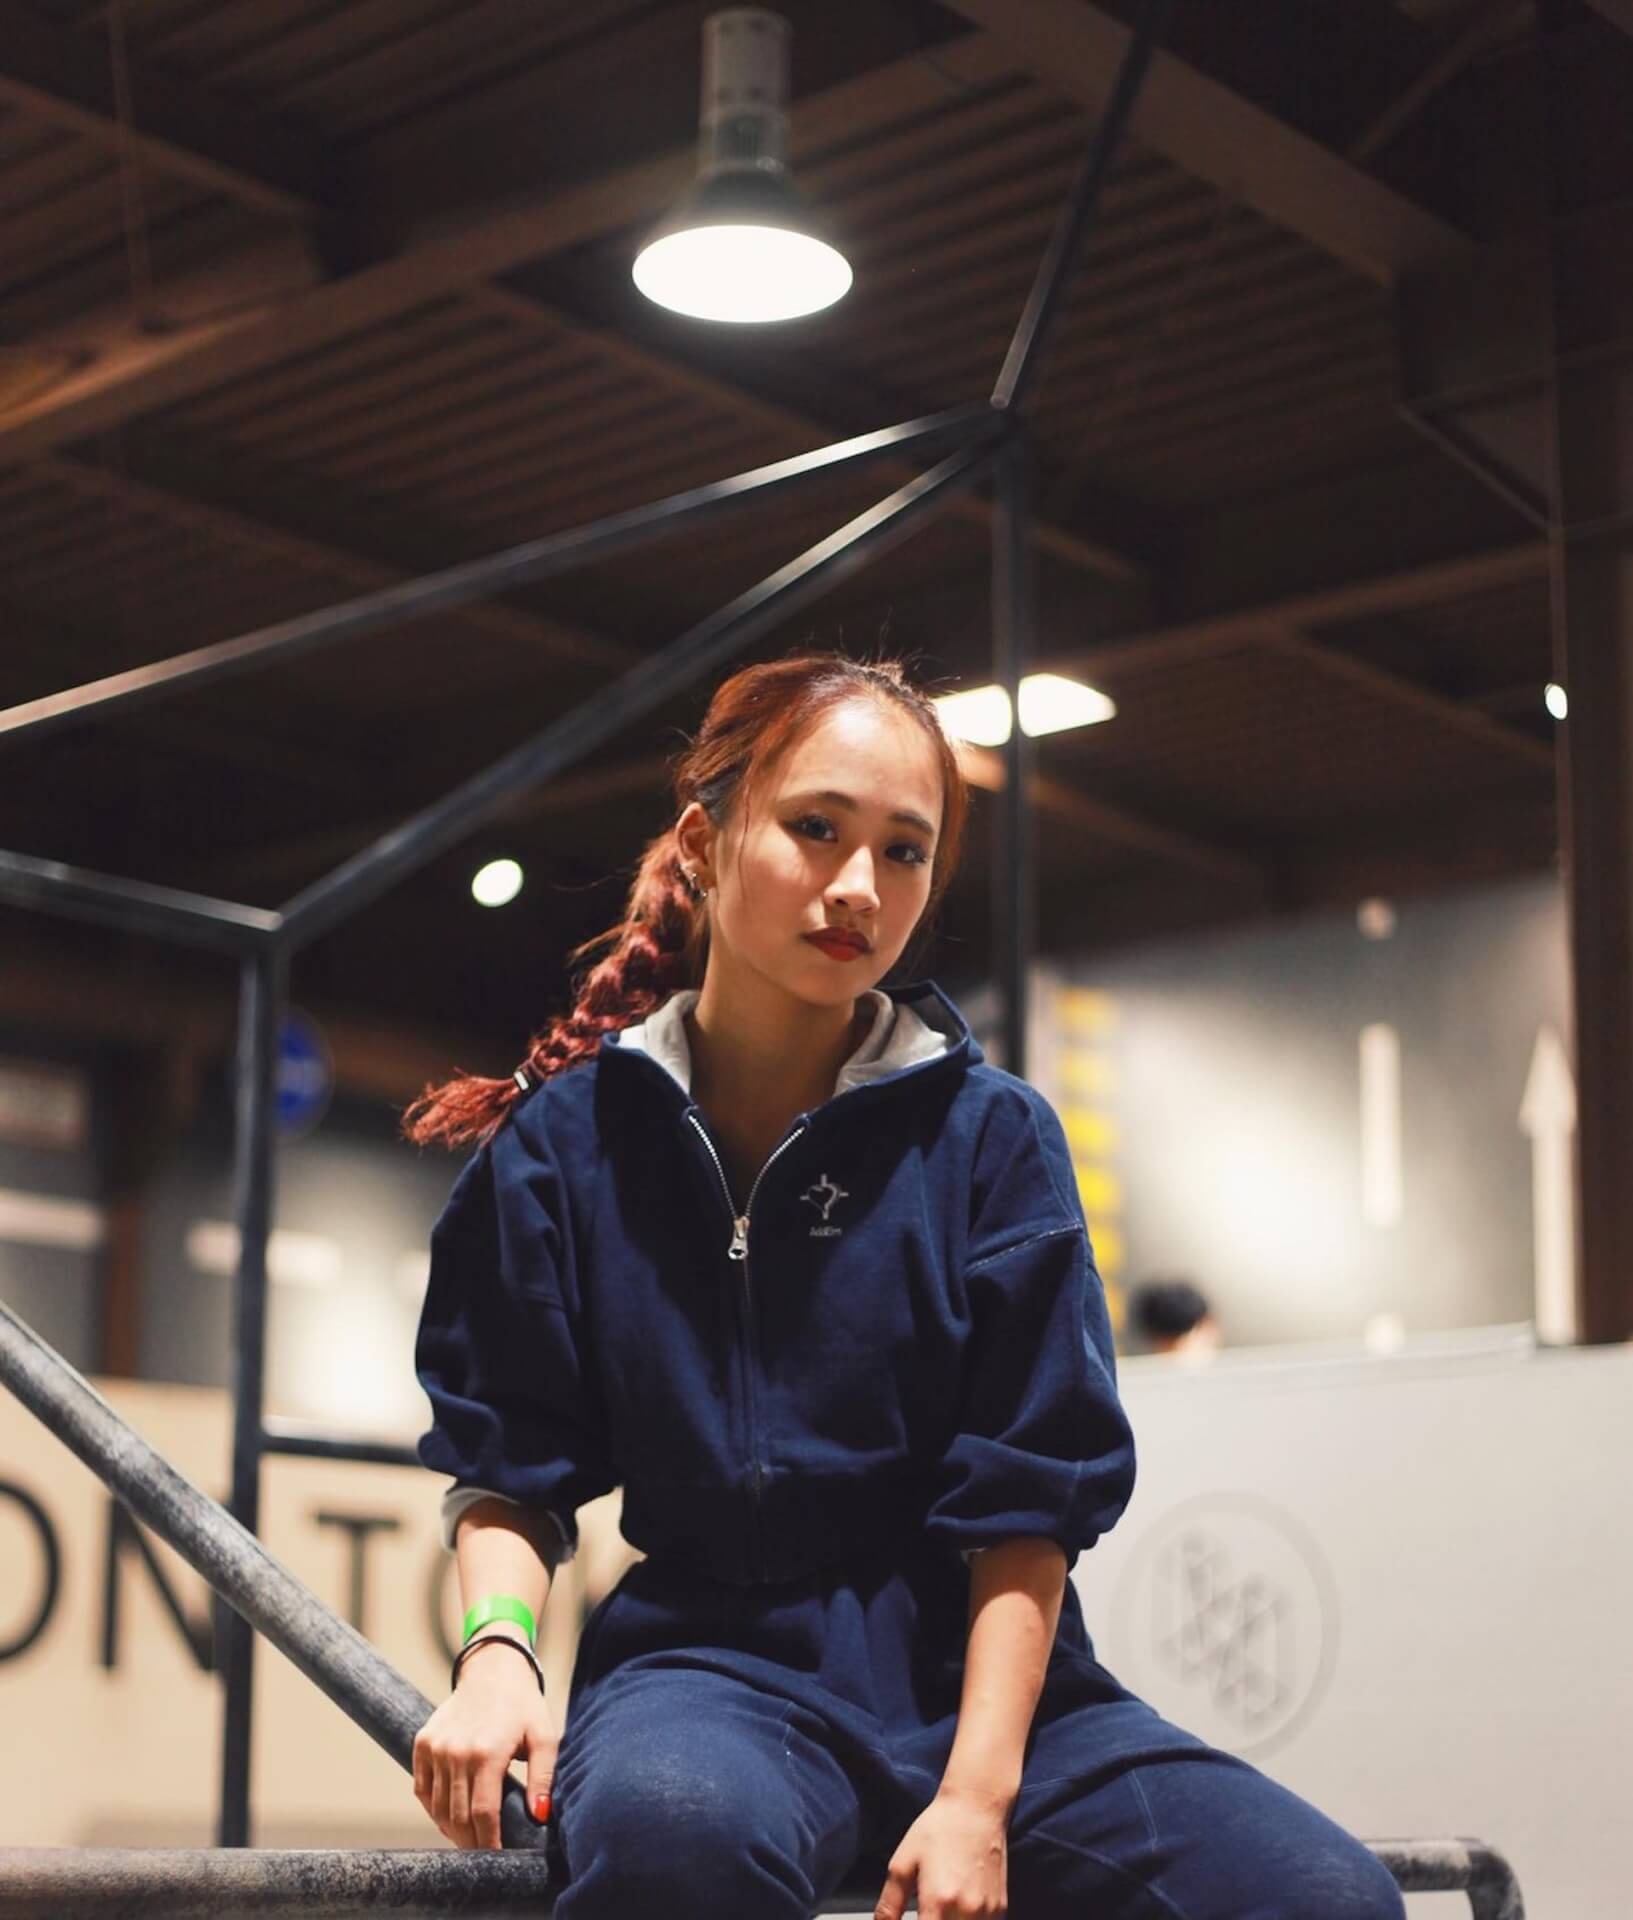 テラハで話題の「パルクールちゃん」こと田辺莉咲子がパルクール日本選手権出場決定! art-culture191017-risako-tanabe-4